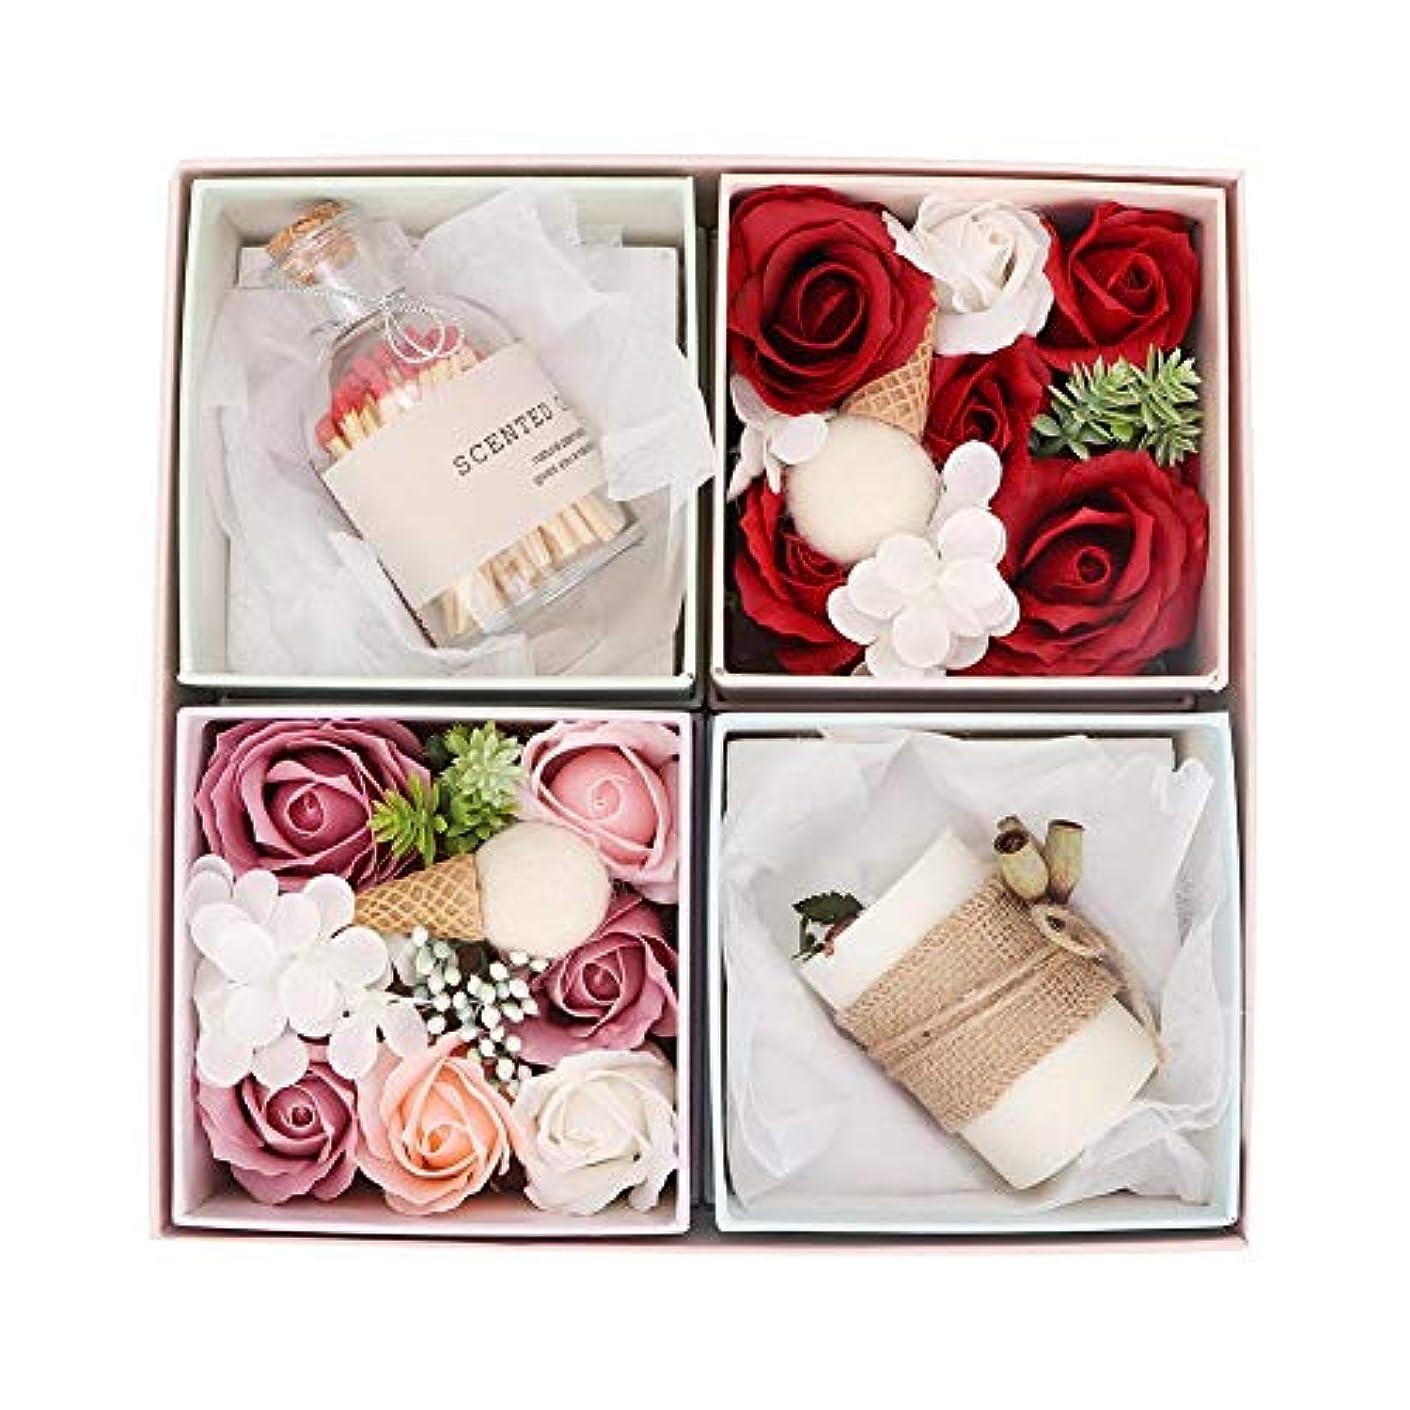 ハンマームス伝統石鹸のギフトボックス、繊細な手作りのバラの花の石鹸の香りのキャンドルボックスバレンタインの日、誕生日のロマンチックなギフト